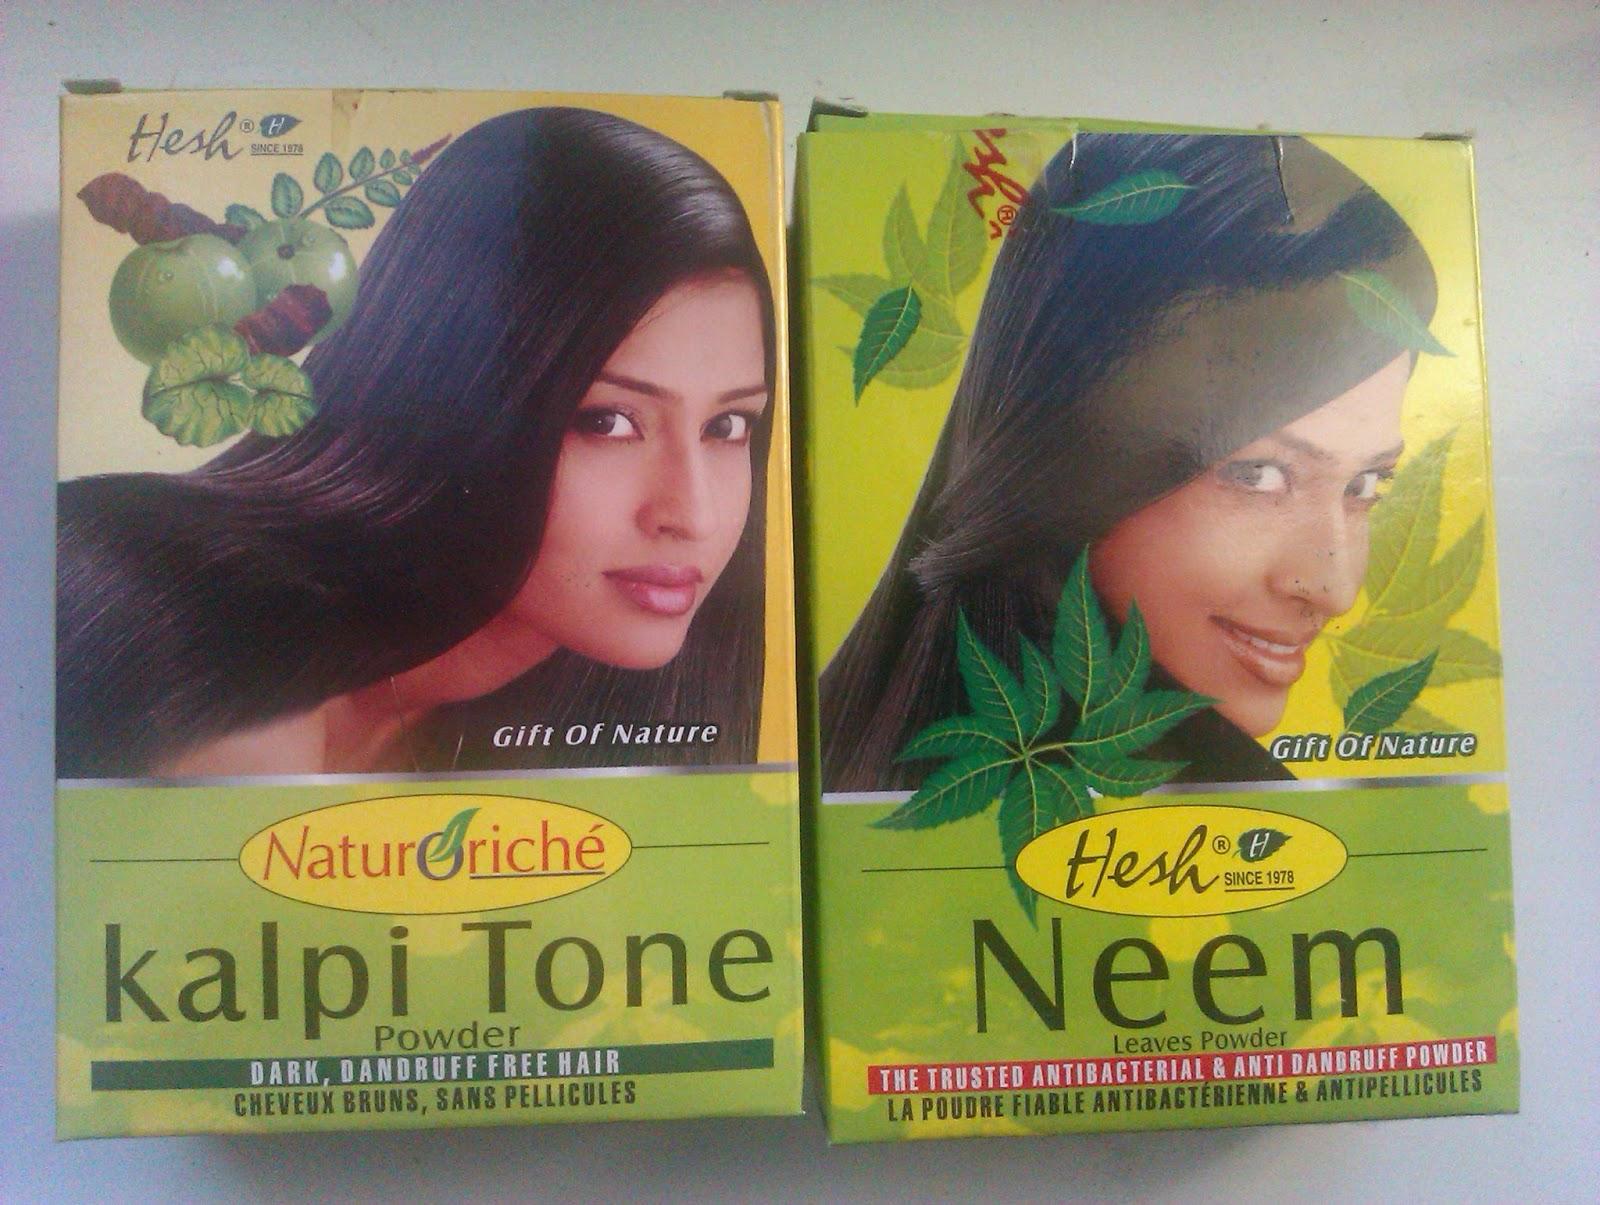 Recenzje pudrów Hesh: Kalpi Tone i Neem